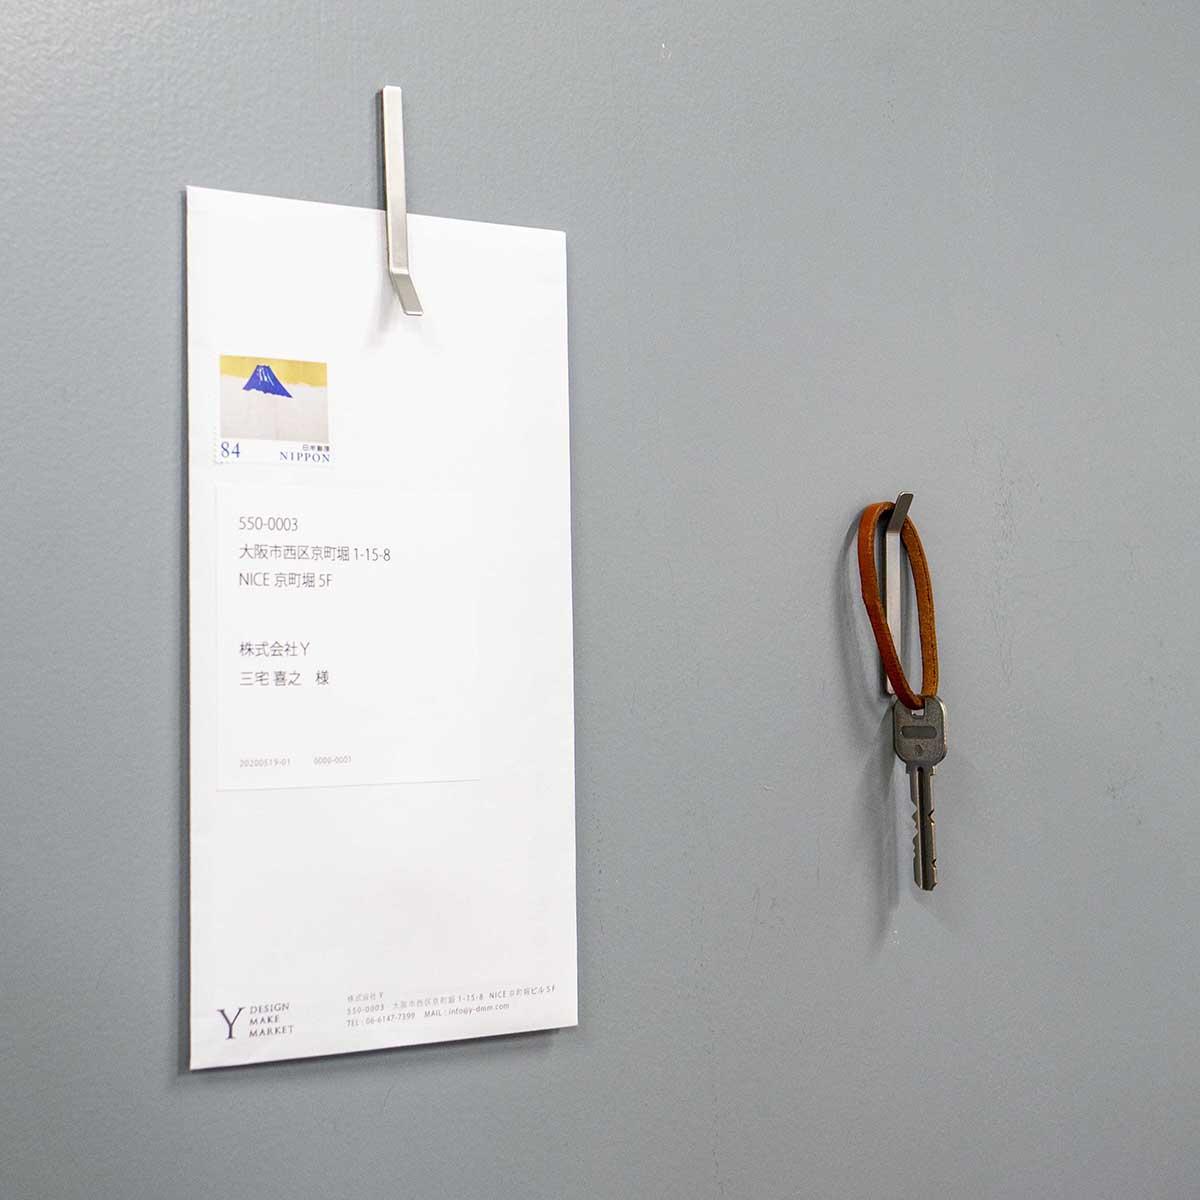 【 LINE HOOK 2個入】並べた景色がきれいなマグネットフック